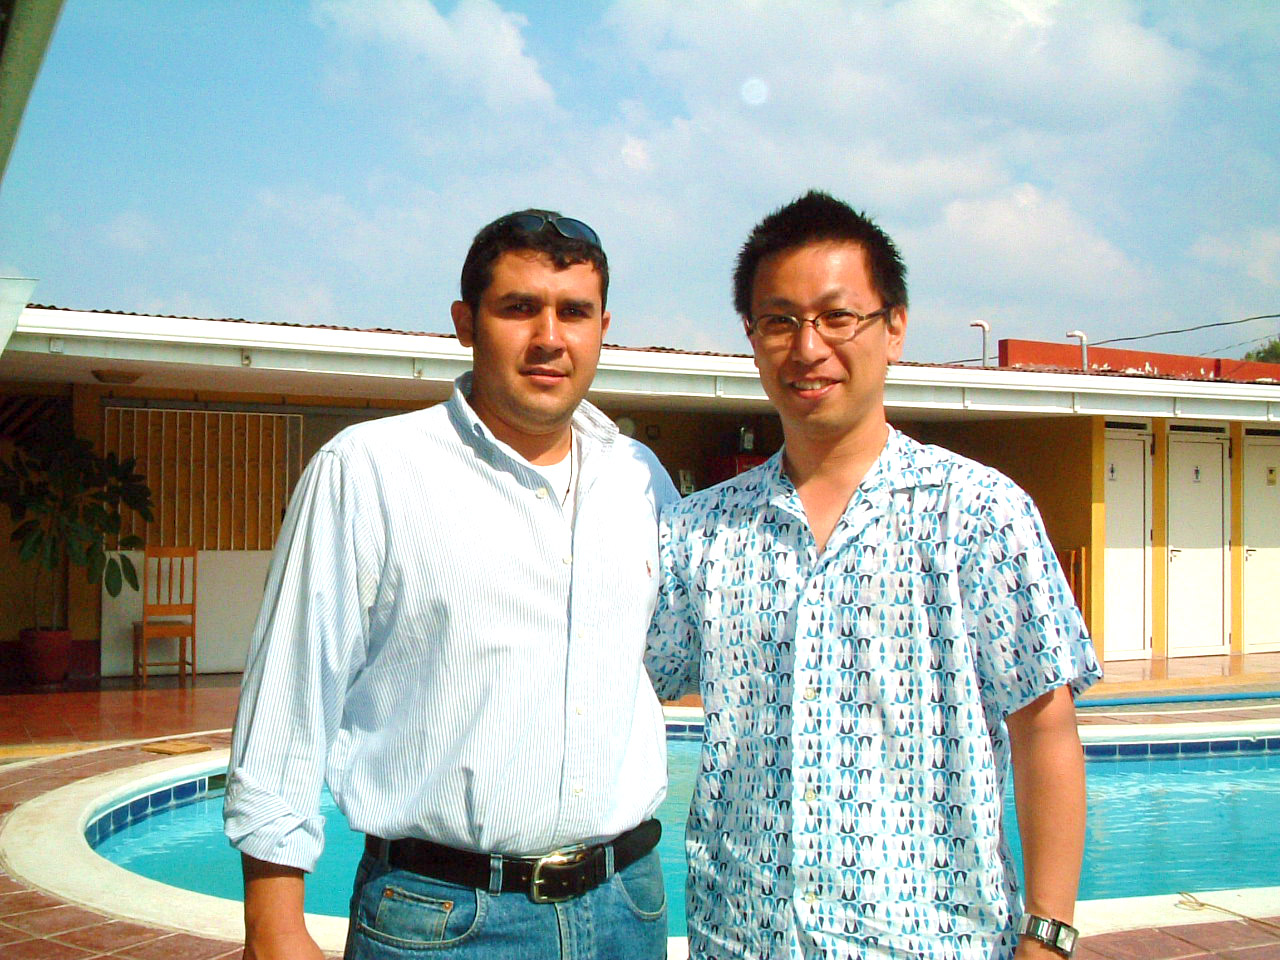 2006年ニカラグアカップオブエクセレンスで初めてセルジオさんと会った時の写真。 写真整理で出てきました(笑)